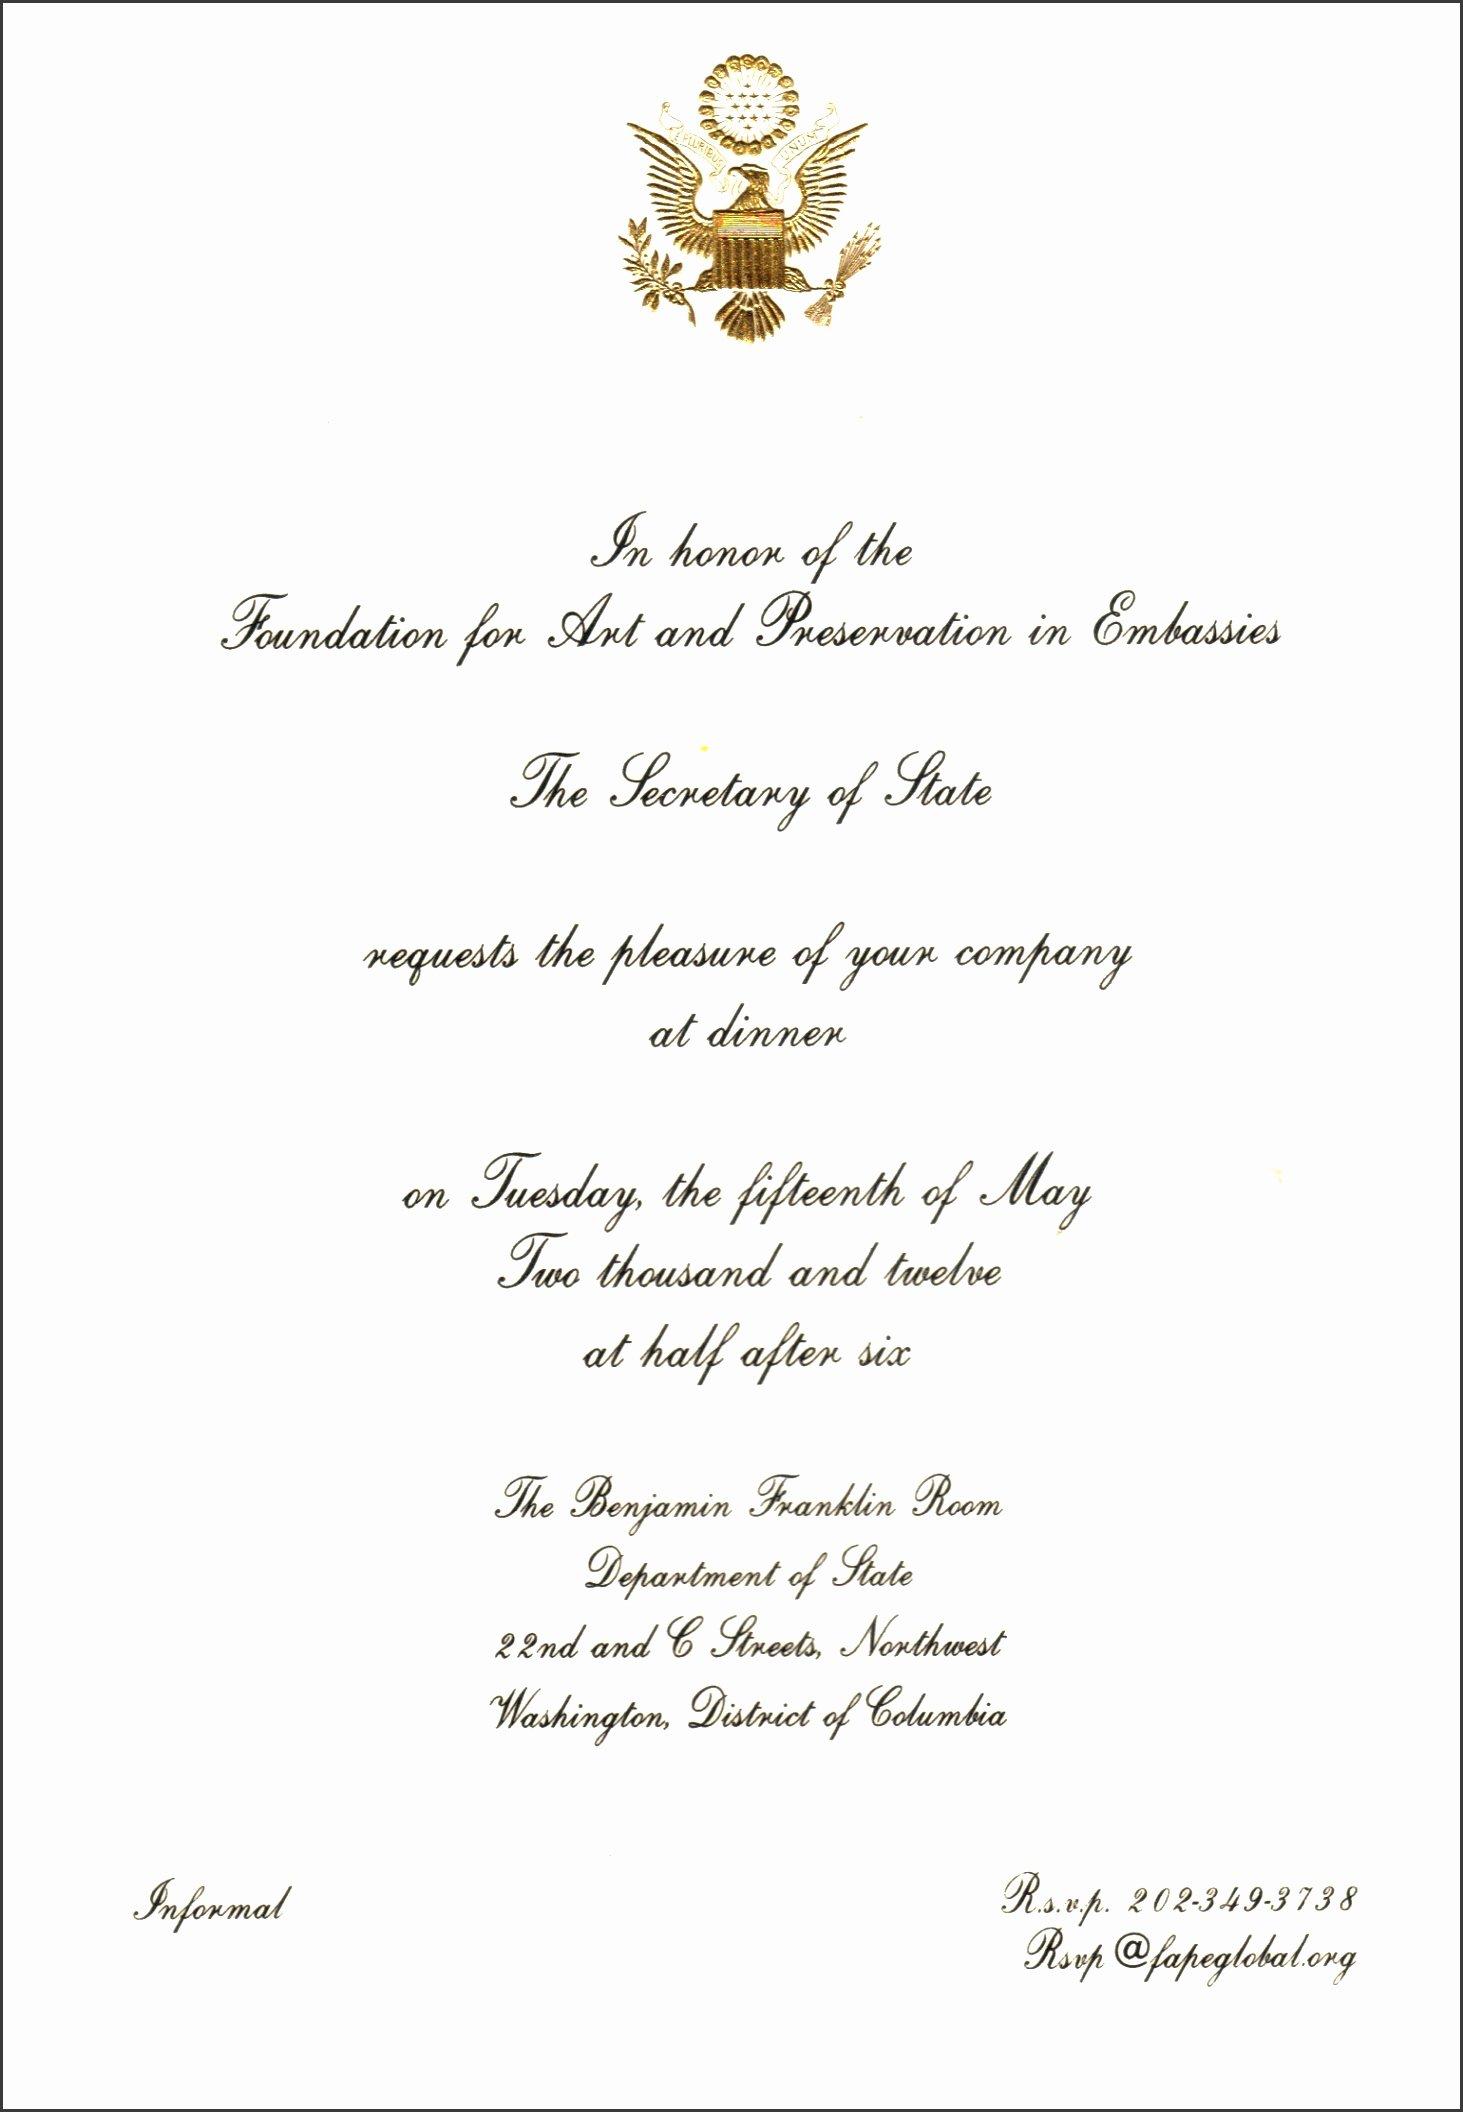 Formal Dinner Invitation Wording New 5 Informal Dinner Invitation Wording Sampletemplatess Sampletemplatess